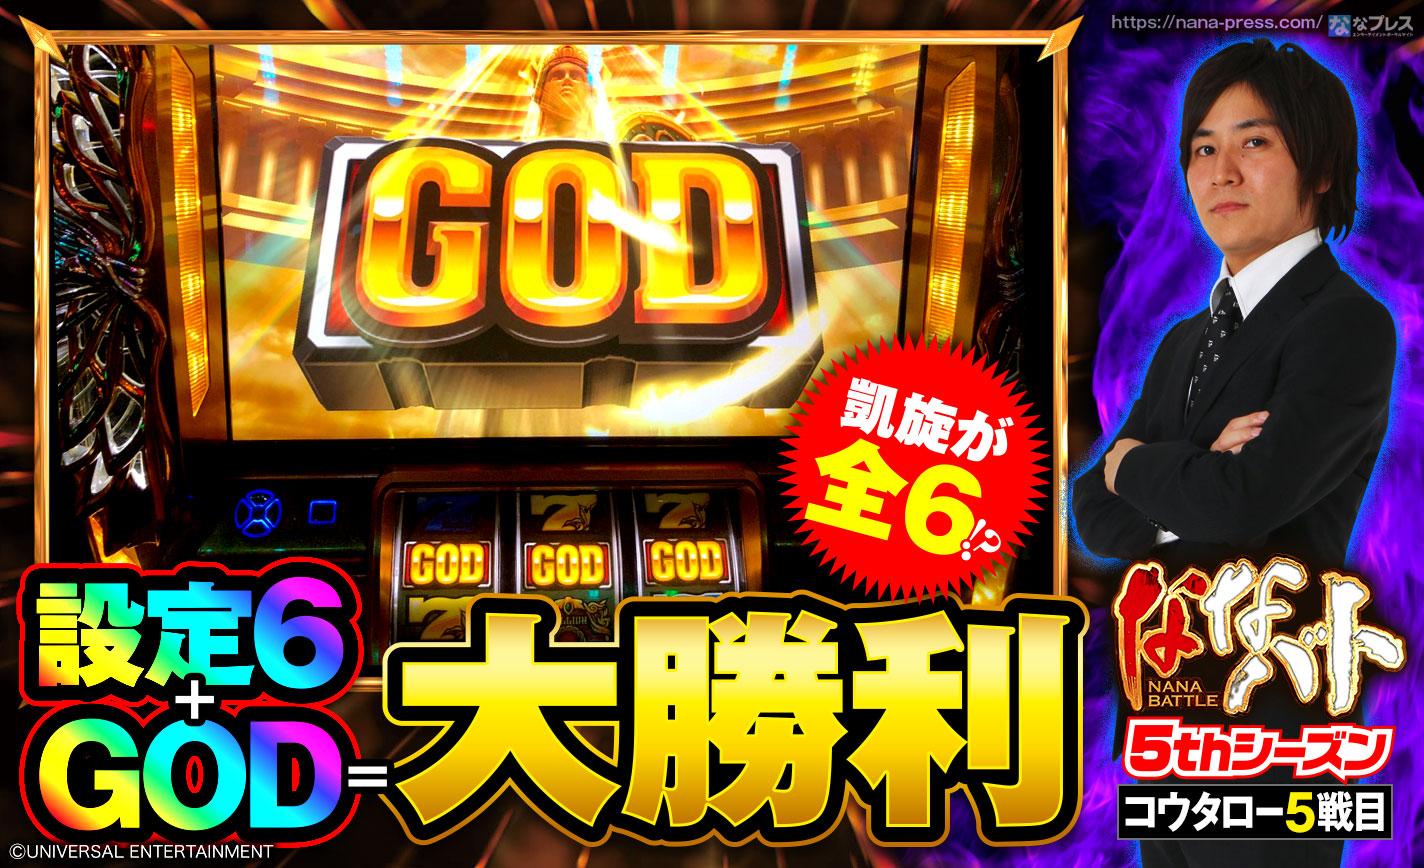 【GOD凱旋】全6に期待できる特定日に凱旋の設定6をツモ!GODやSGGも引いてハイスペックマシンの実力を発揮する! eyecatch-image